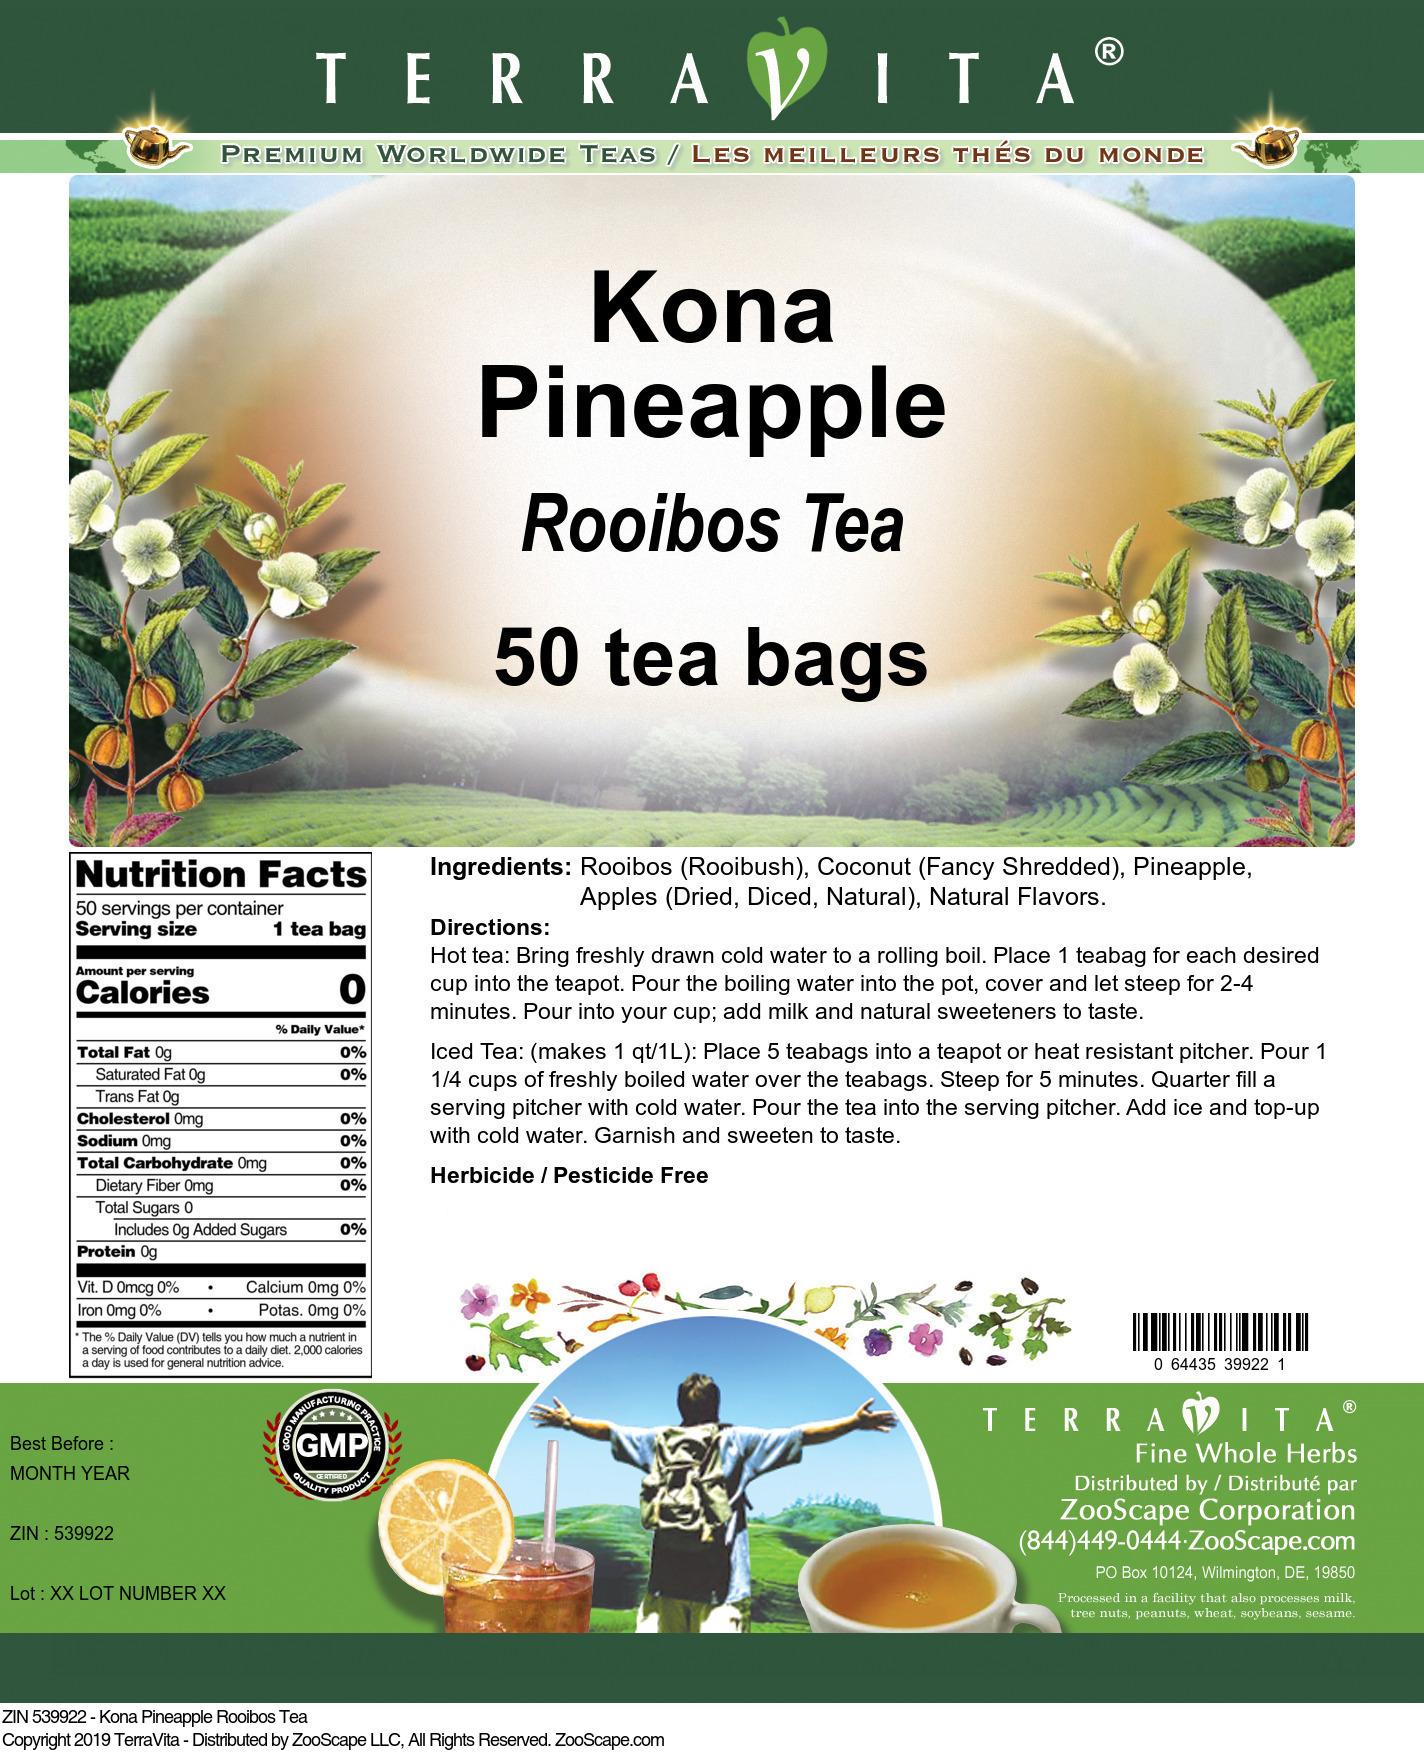 Kona Pineapple Rooibos Tea